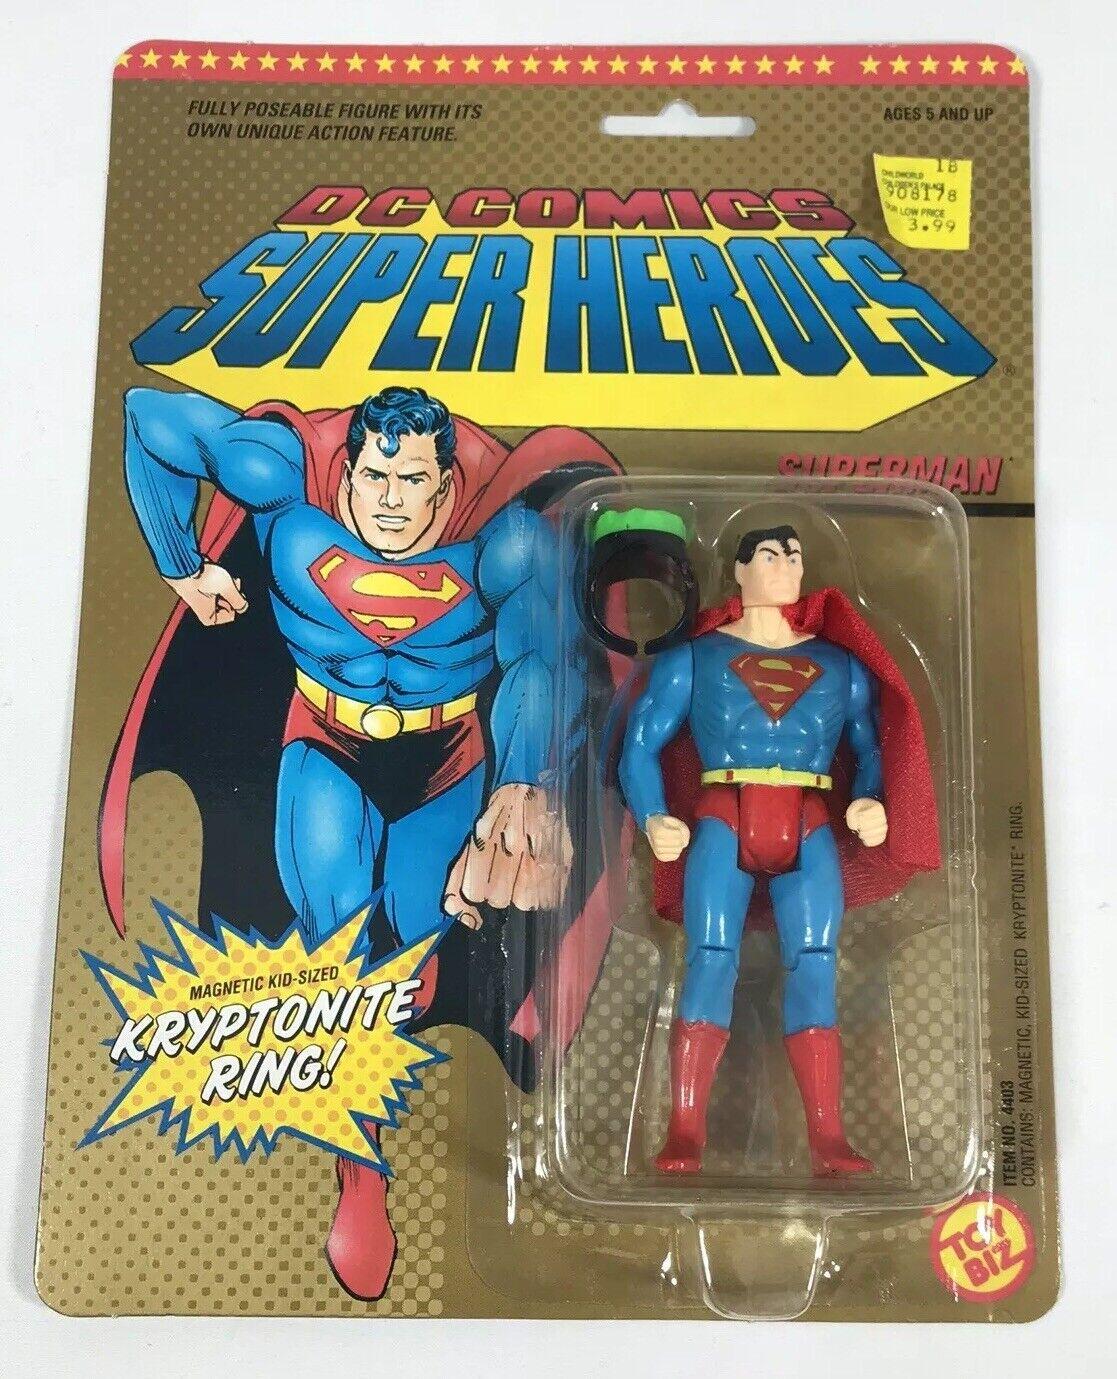 Figura De Dc Comics súper Heroes súperman Moc error Tarjeta blancoo Raro 1989 Juguetebiz